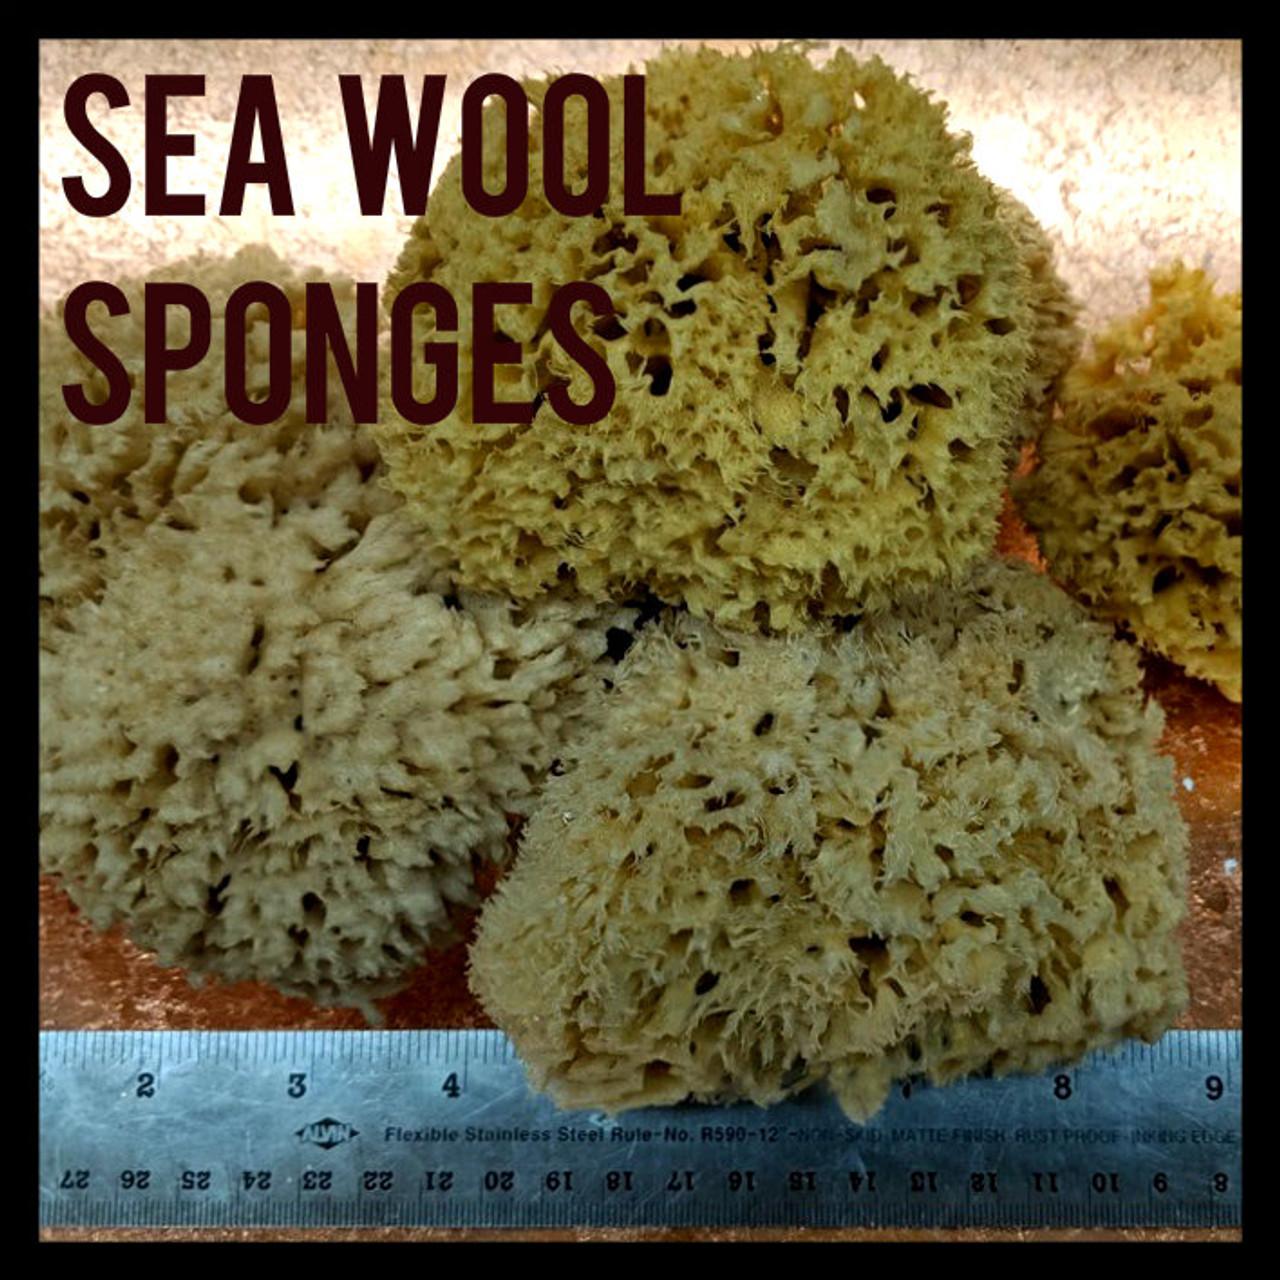 Sea Wool Sponges